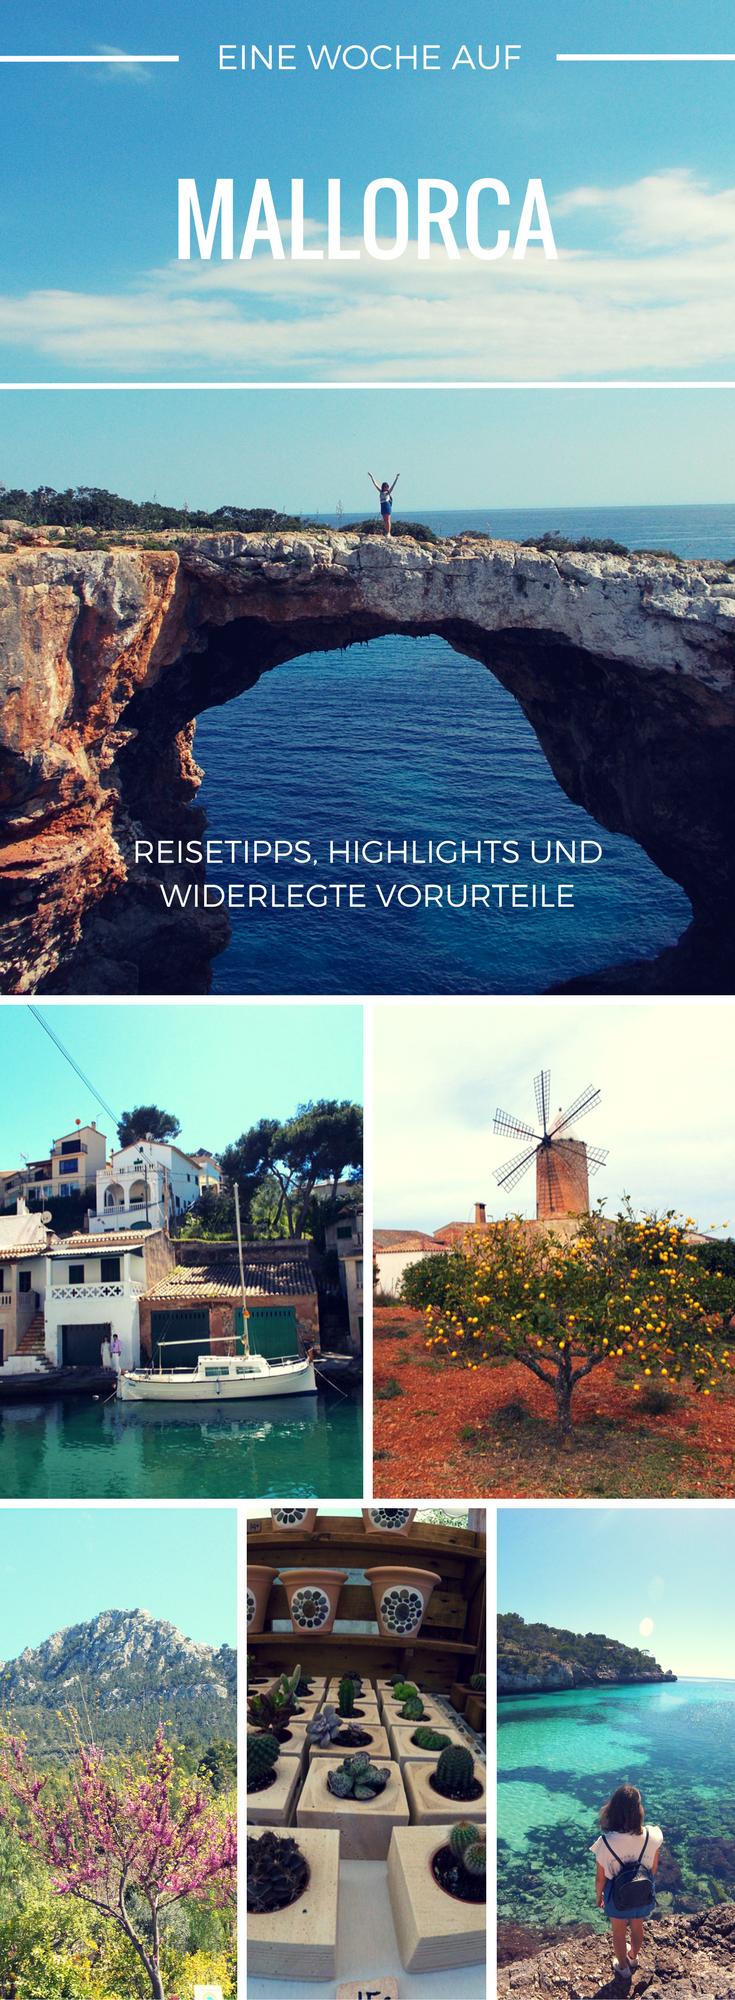 Unser Reiseguide für eine Woche Mallorca Wir zeigen dir wie du eine abwechslungsreiche und atemberaubende